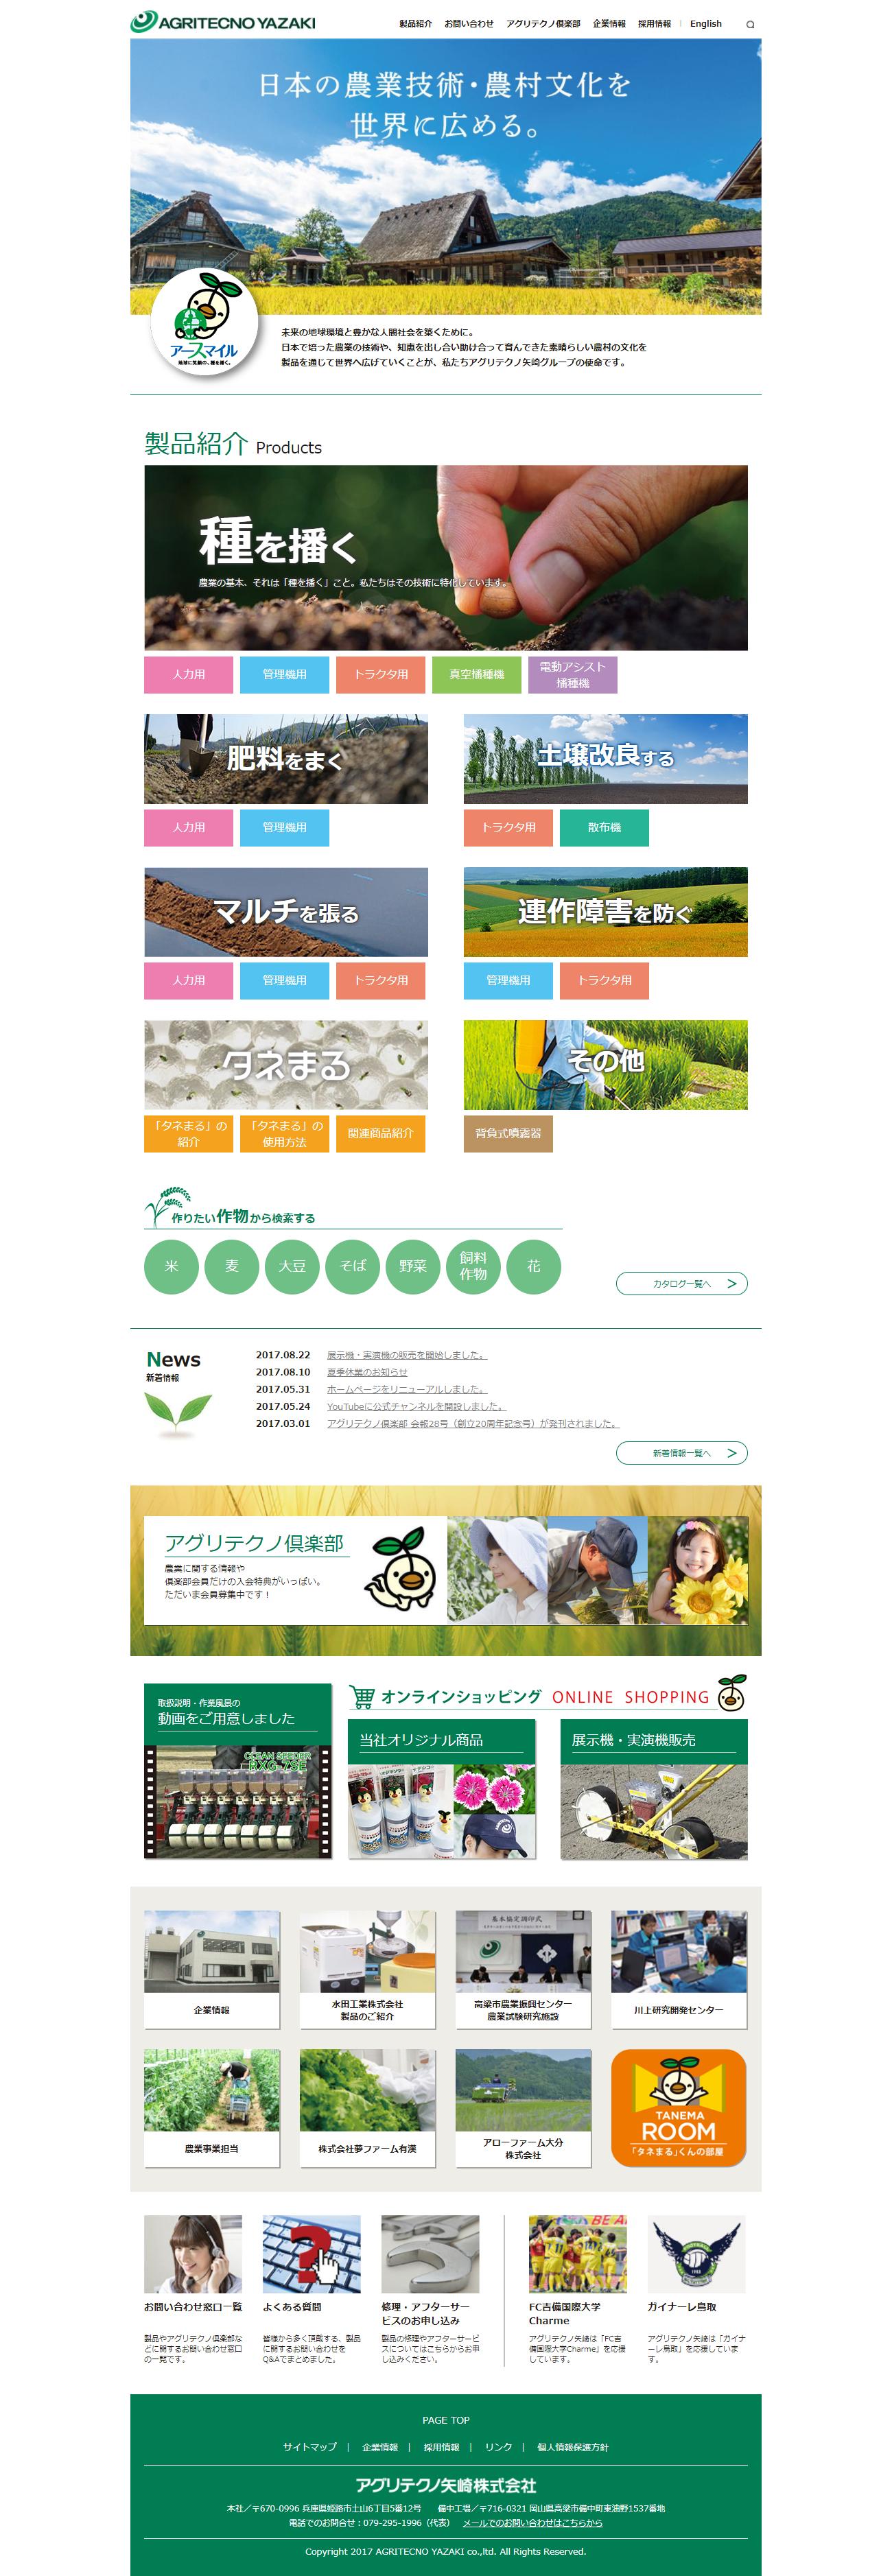 アグリテクノ矢崎株式会社様 ホームページ制作1